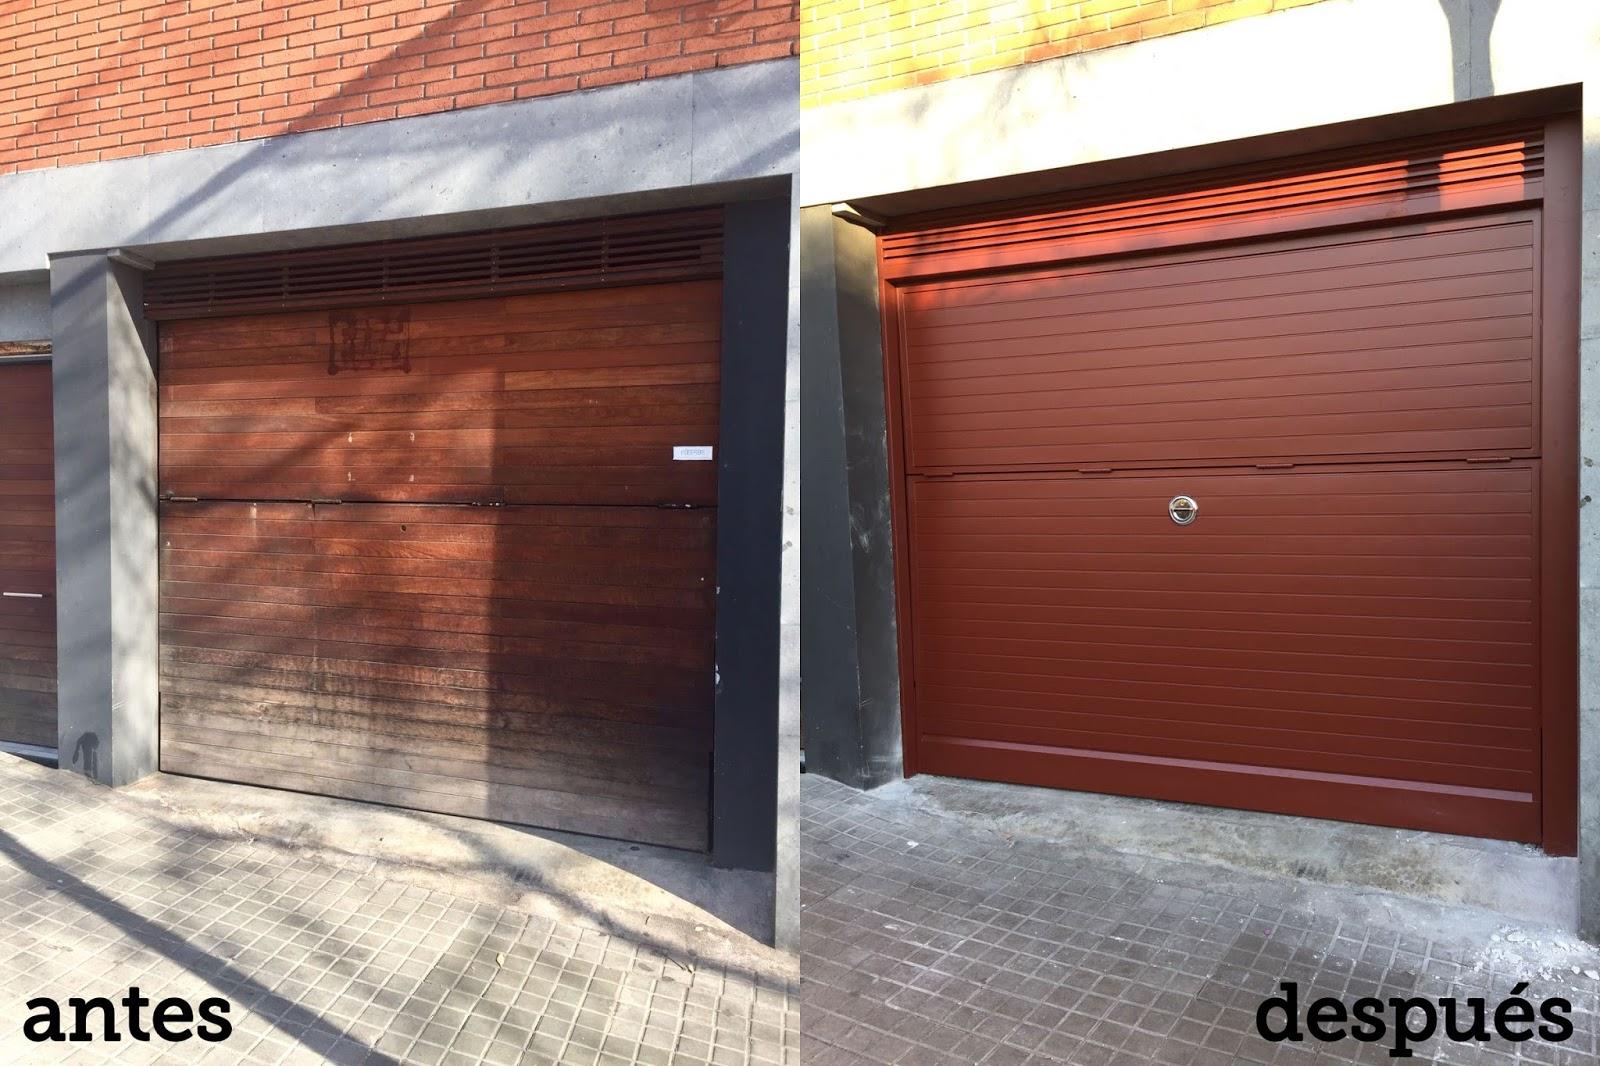 Puertas Correderas, Puertas Automáticas, Puertas de Garaje ... - photo#11